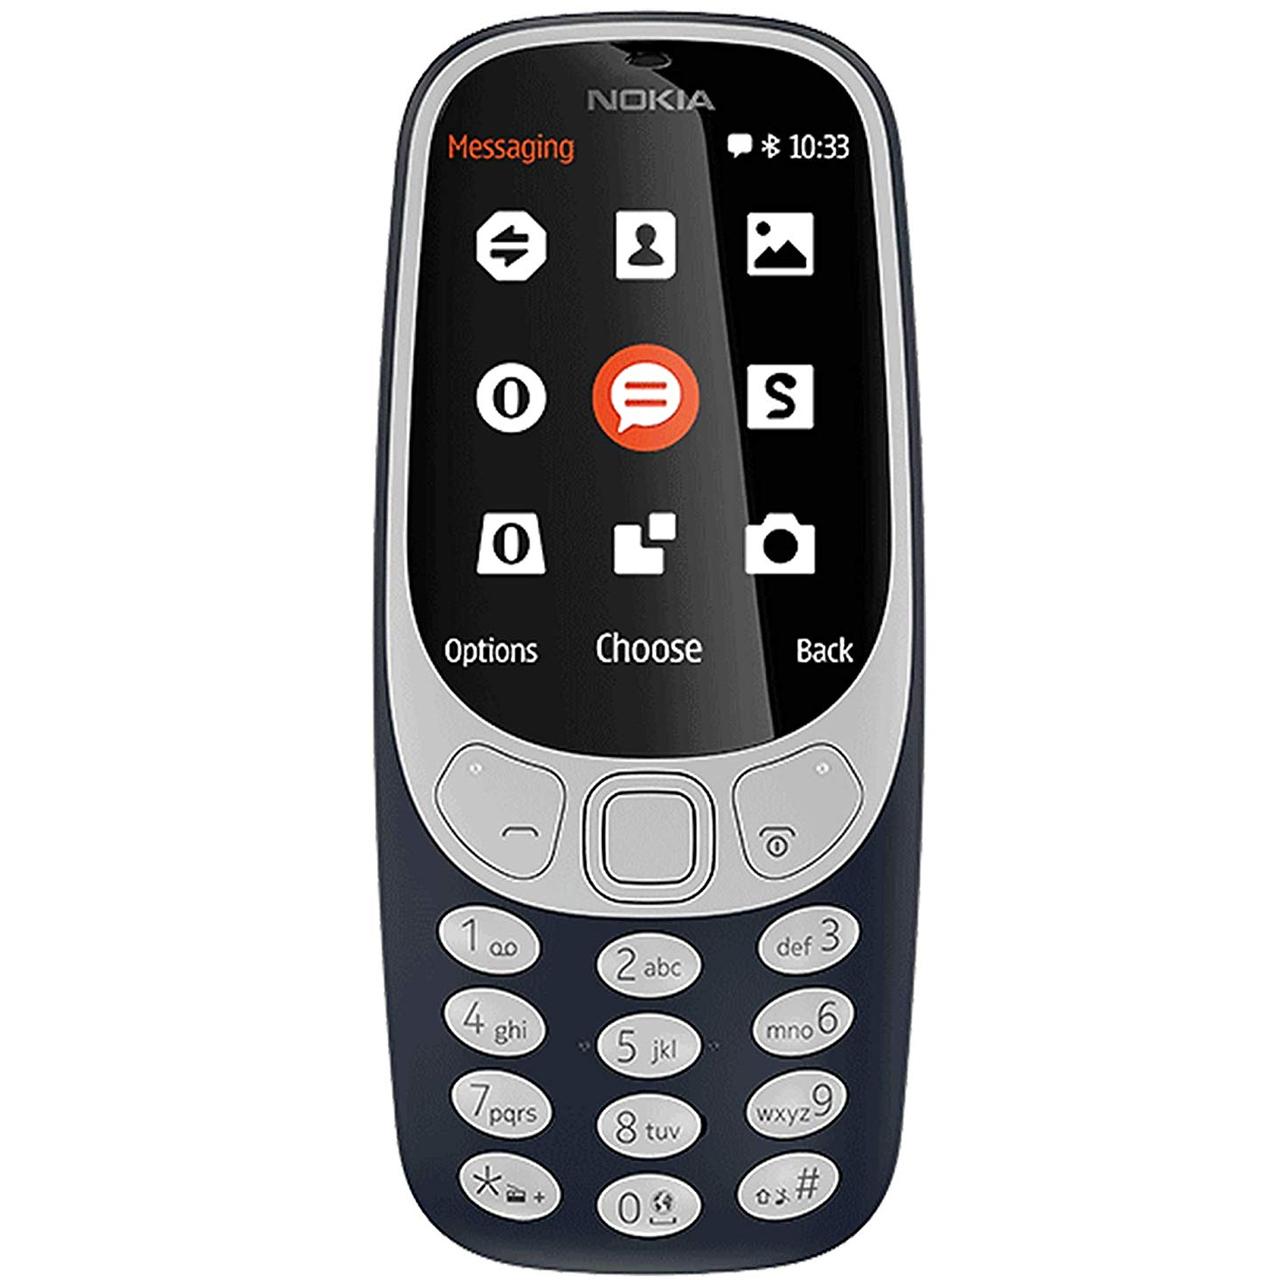 گوشی موبایل نوکیا مدل 3310 3G دو سیم کارت - با قیمت ویژه